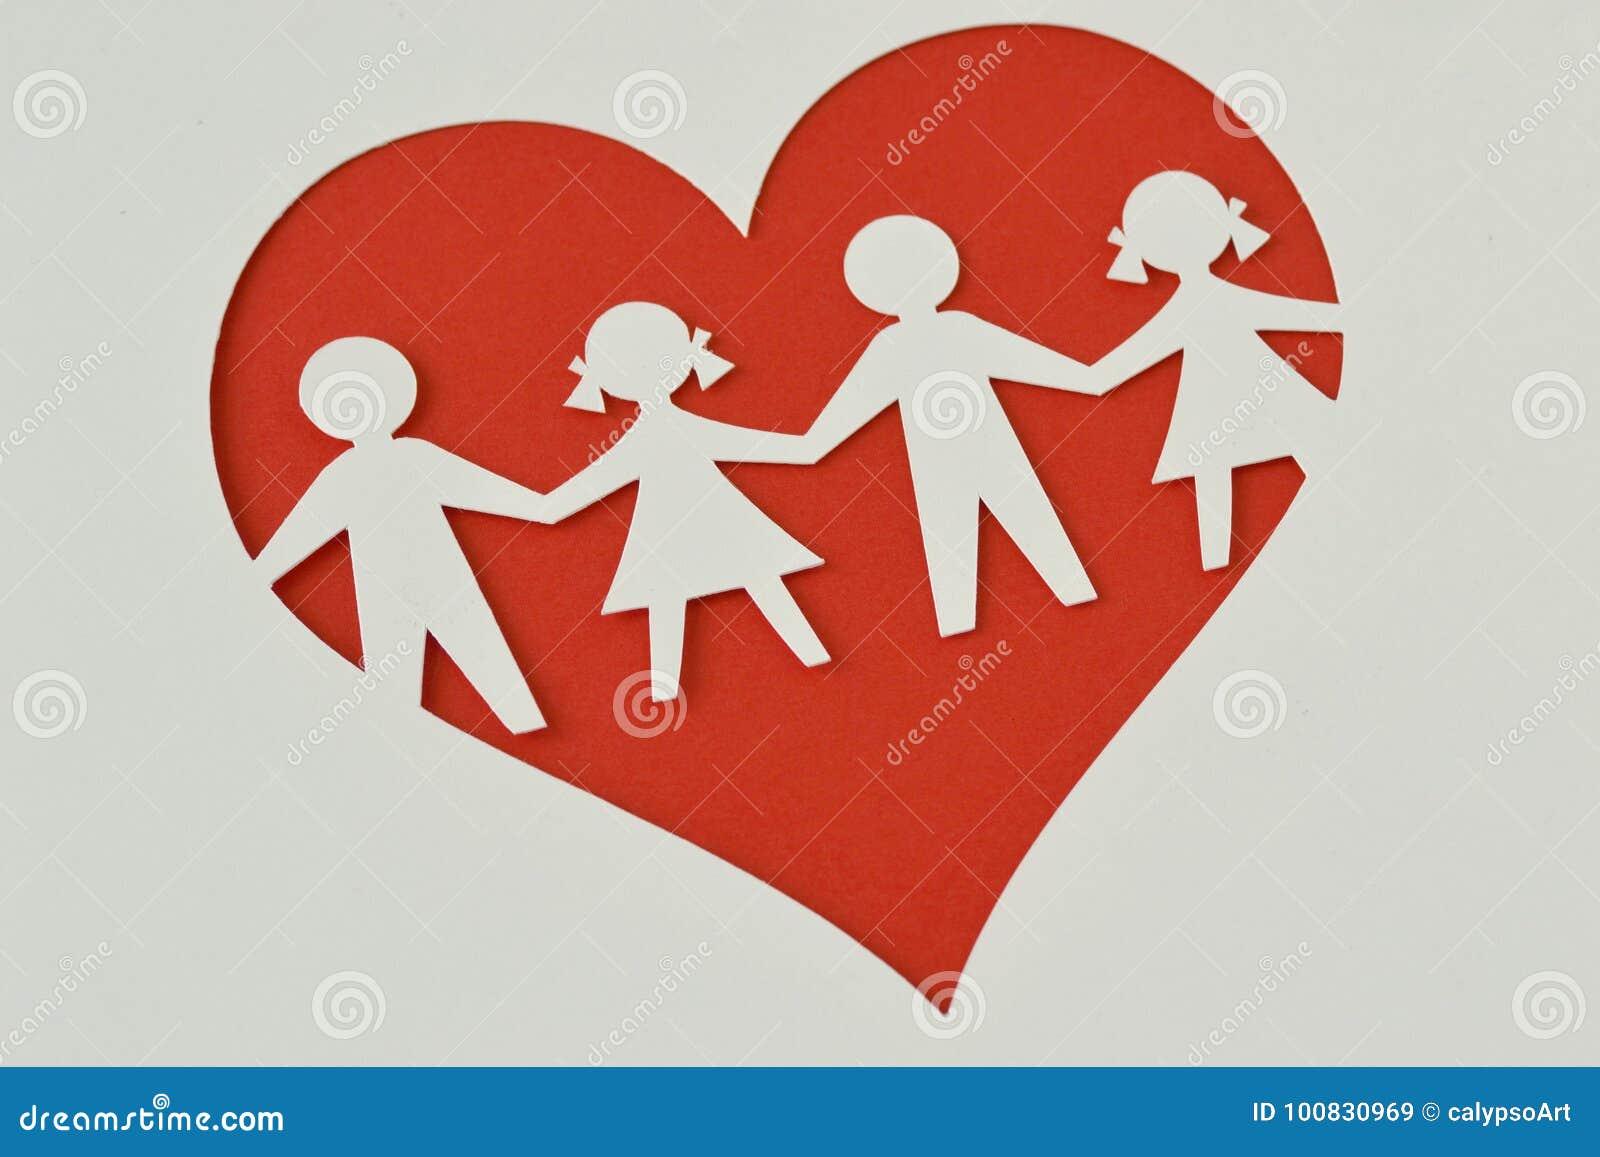 Silueta de papel de niños en un corazón - protección del niño y l